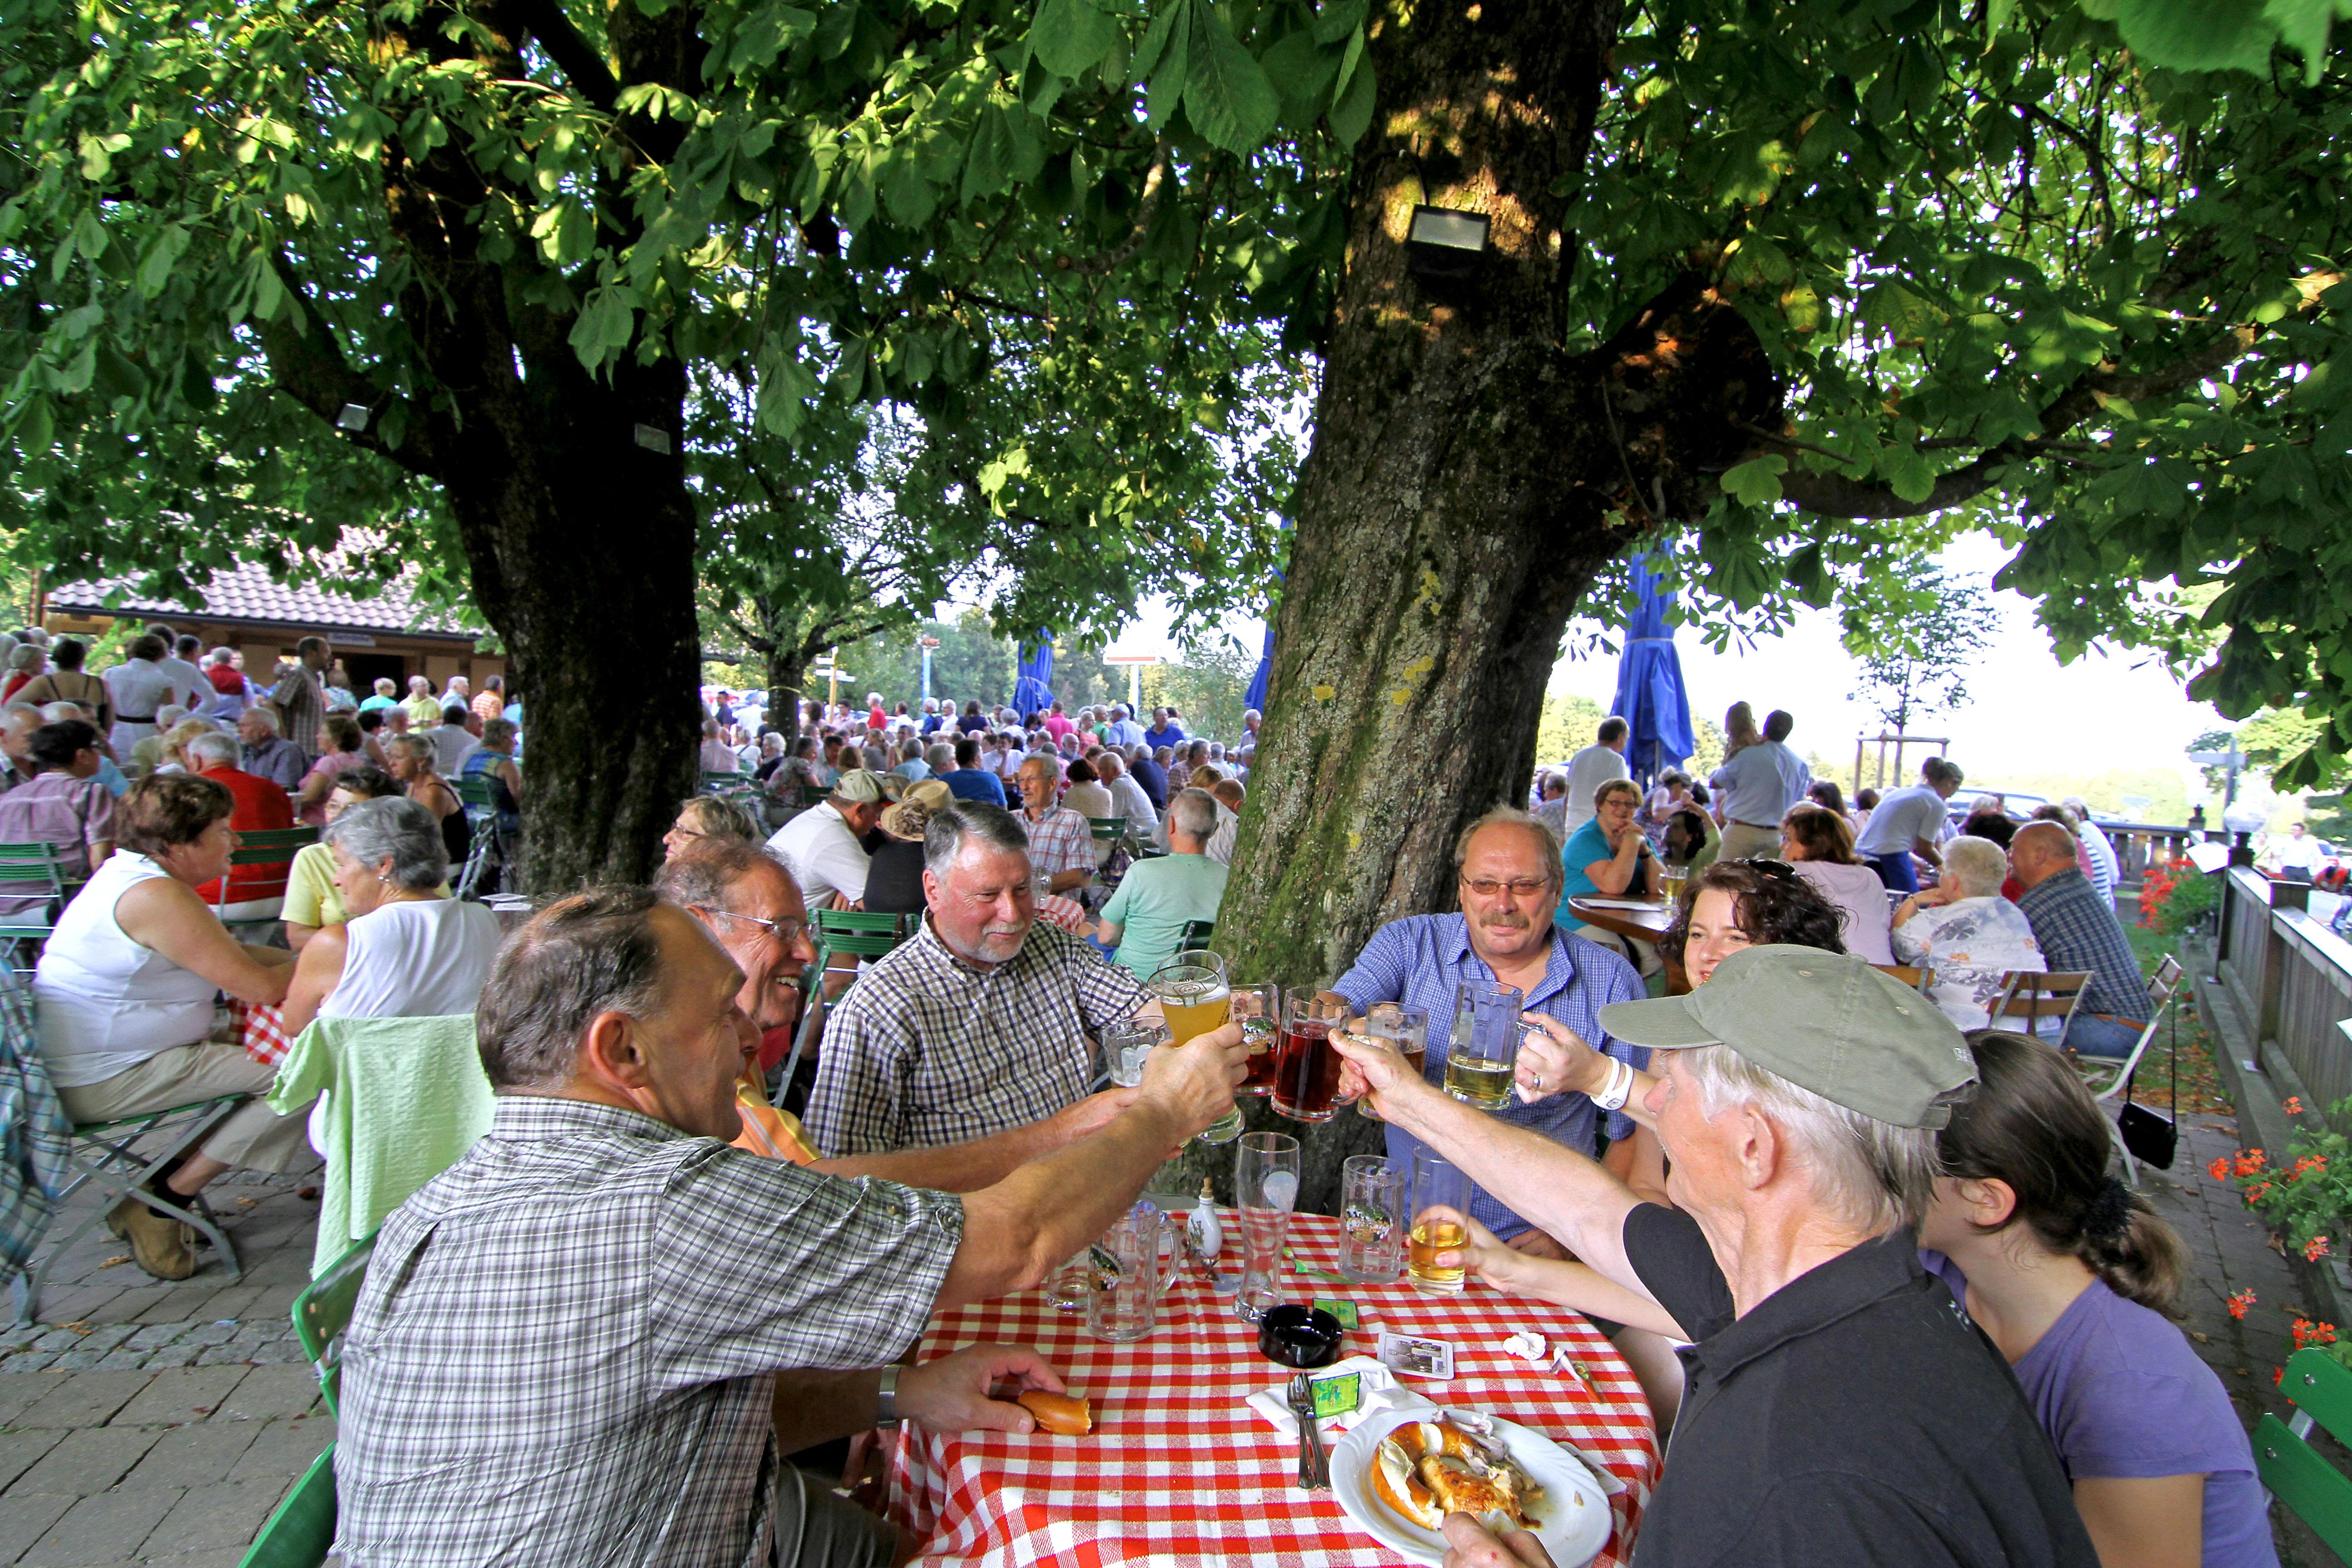 Biergarten in Waltenhofen im Allgäu